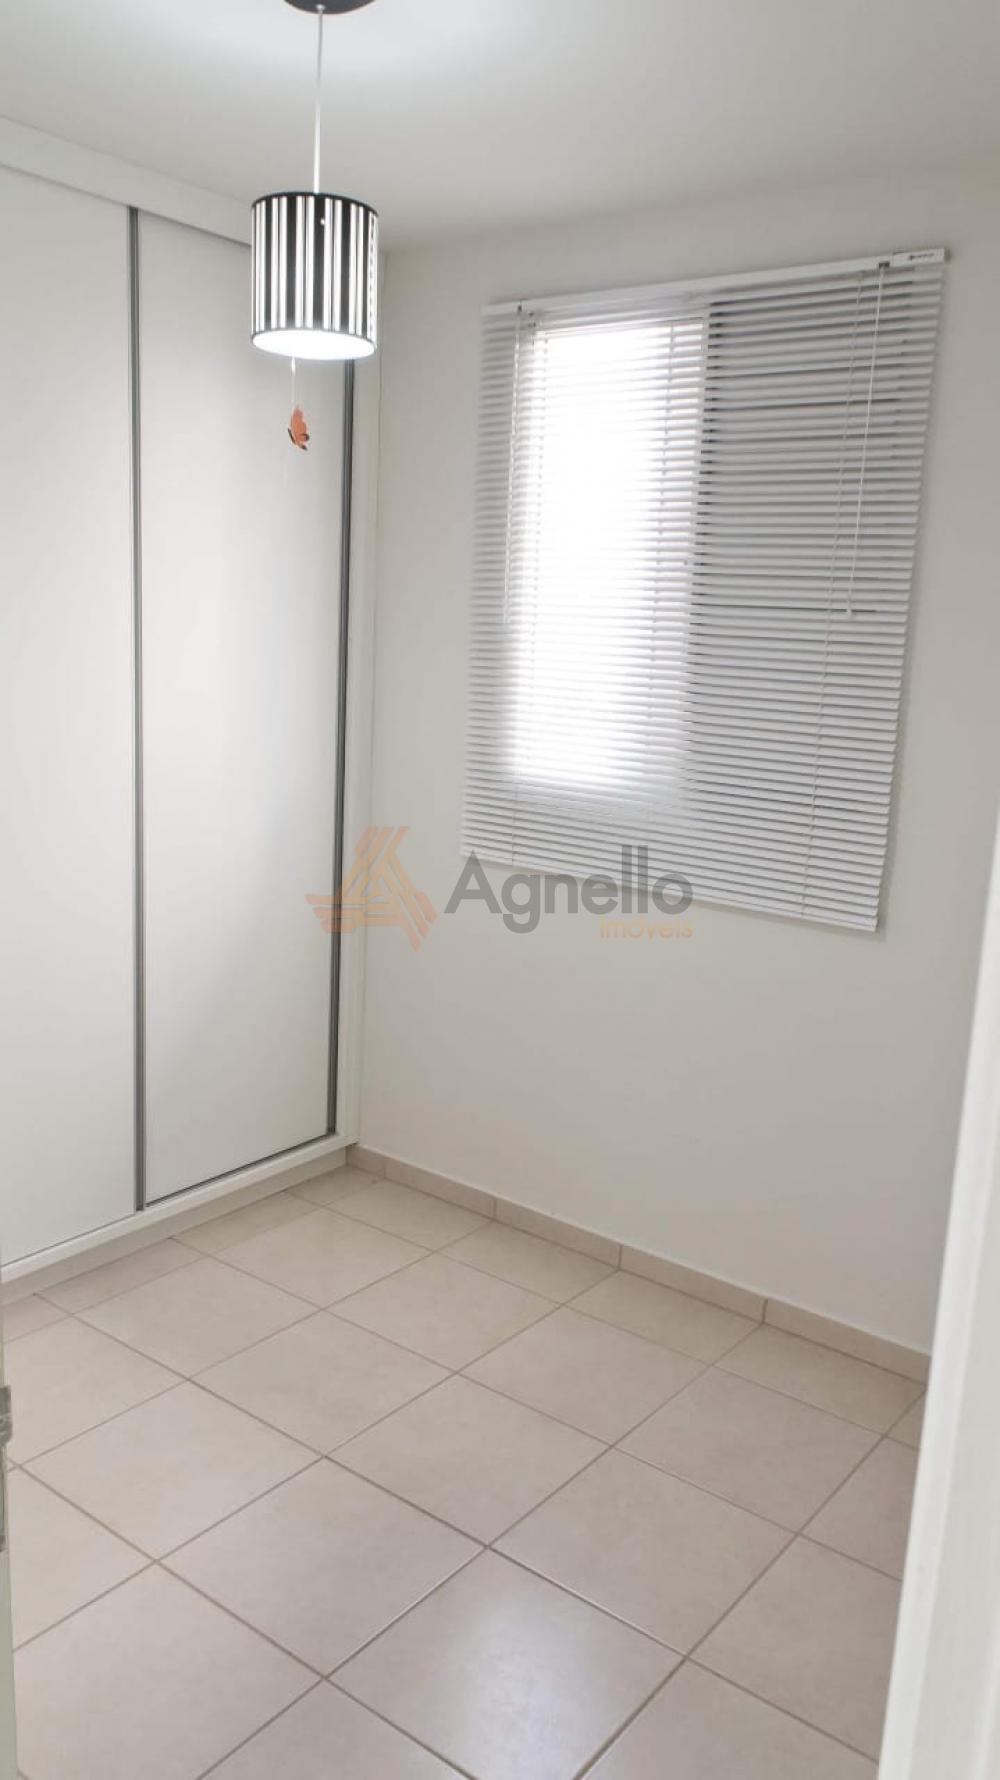 Comprar Apartamento / Padrão em Franca apenas R$ 125.000,00 - Foto 6